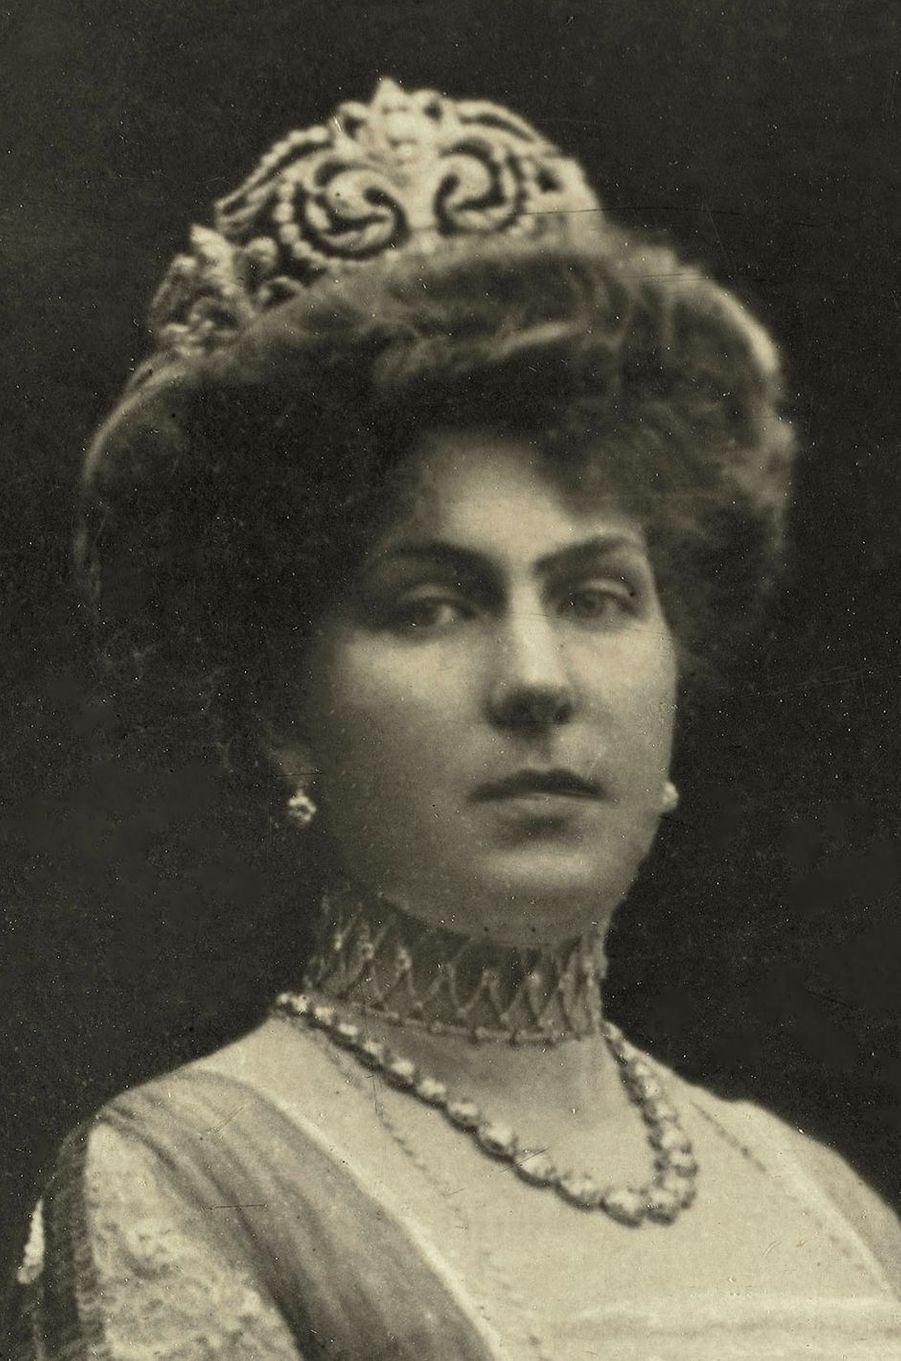 """La reine Victoria-Eugenie d'Espagne coiffée de son diadème """"fleur de lys"""" ouvert sur l'arrière"""